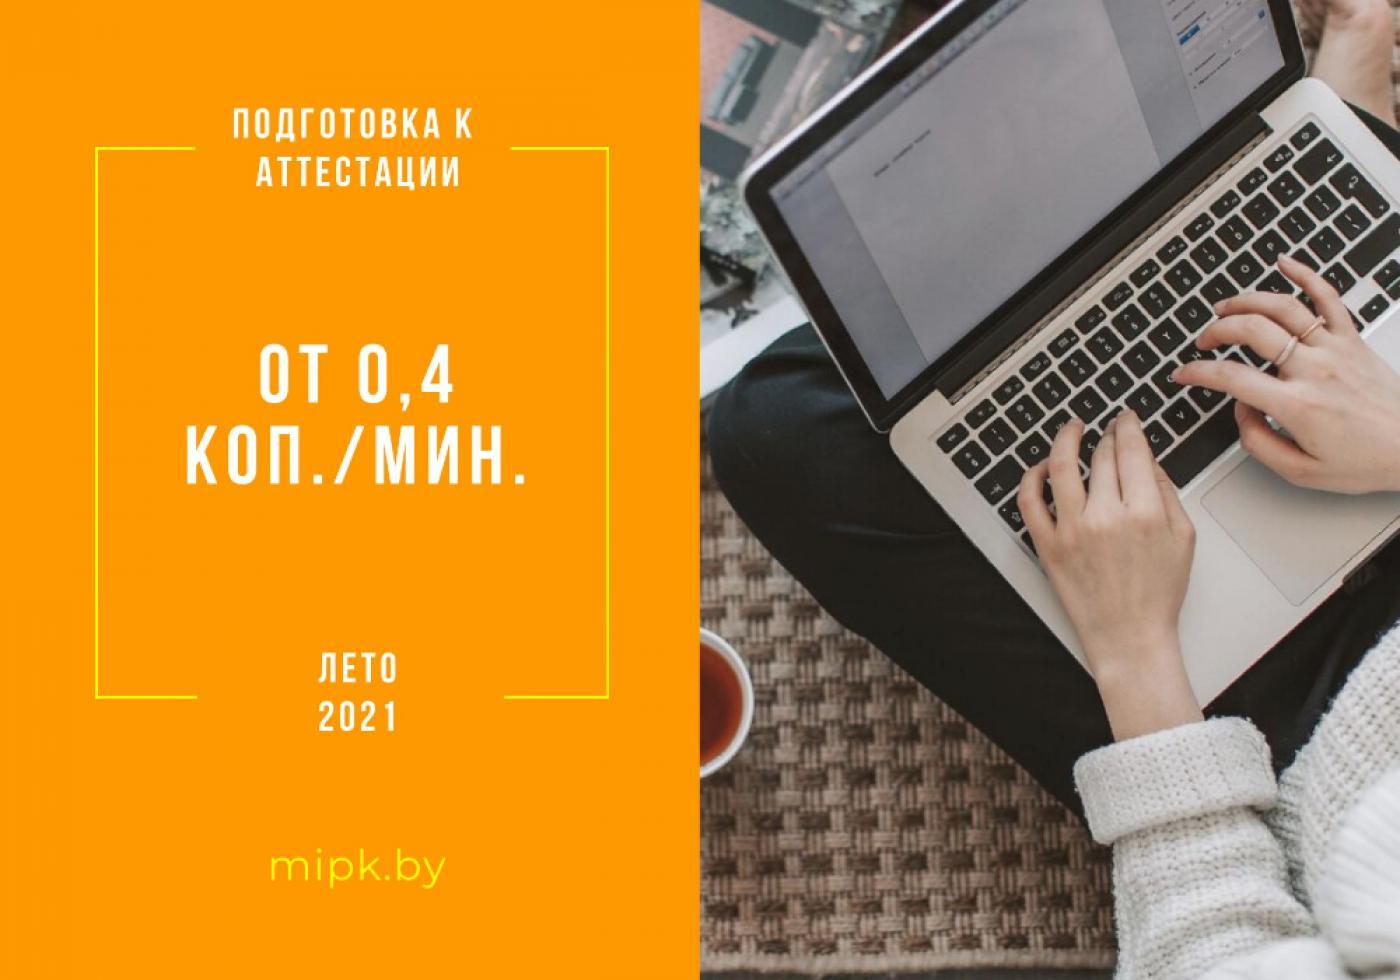 Подготовка к аттестации в строительной отрасли от МИПК и ПК БНТУ